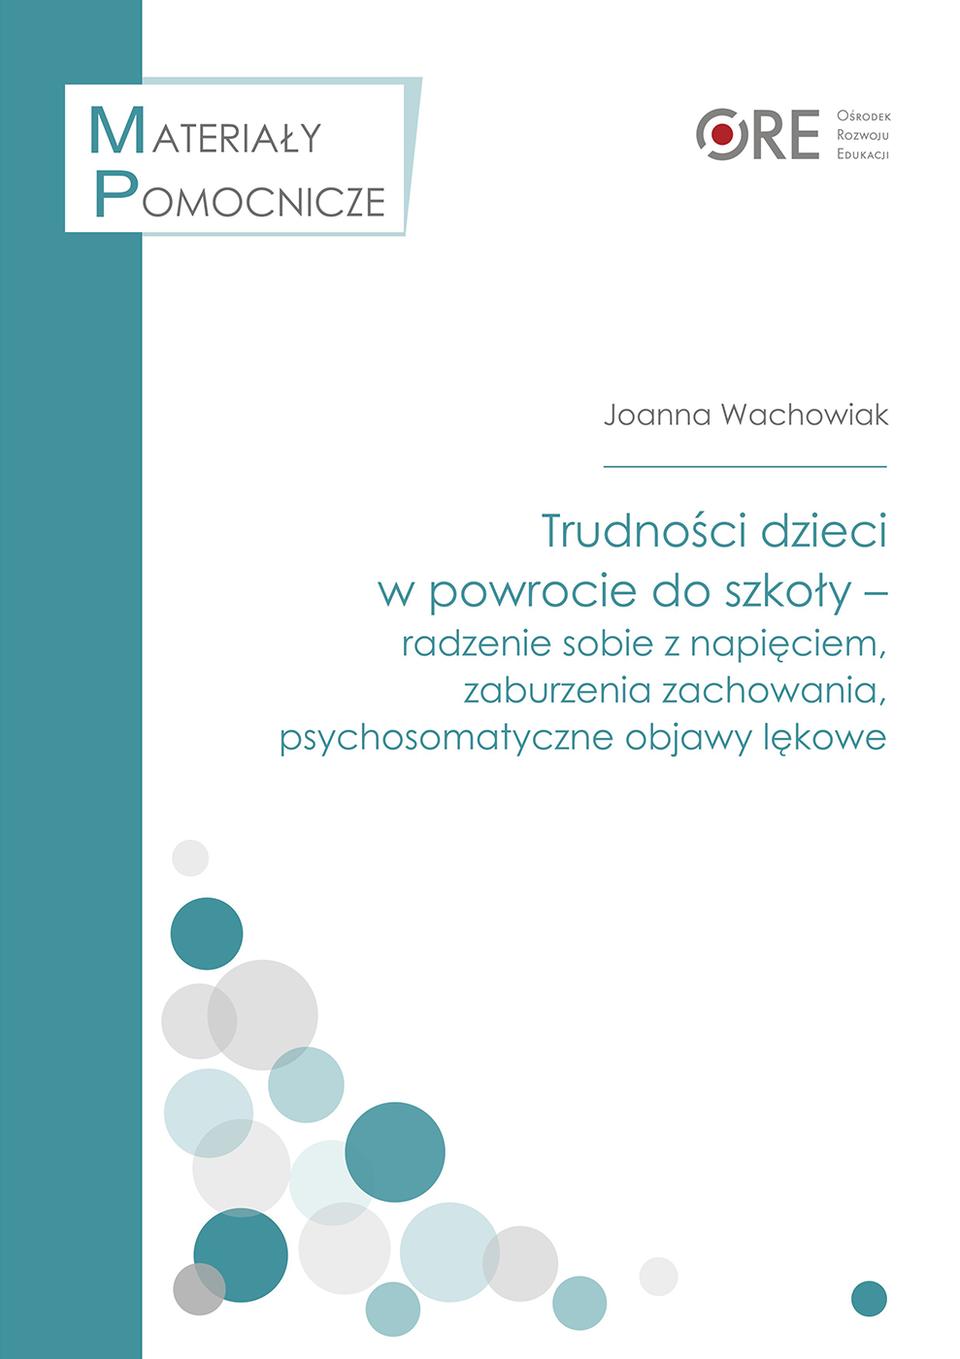 Pobierz plik: Trduności uczniów w powrocie do szkoły_J.Wachowiak (1).pdf